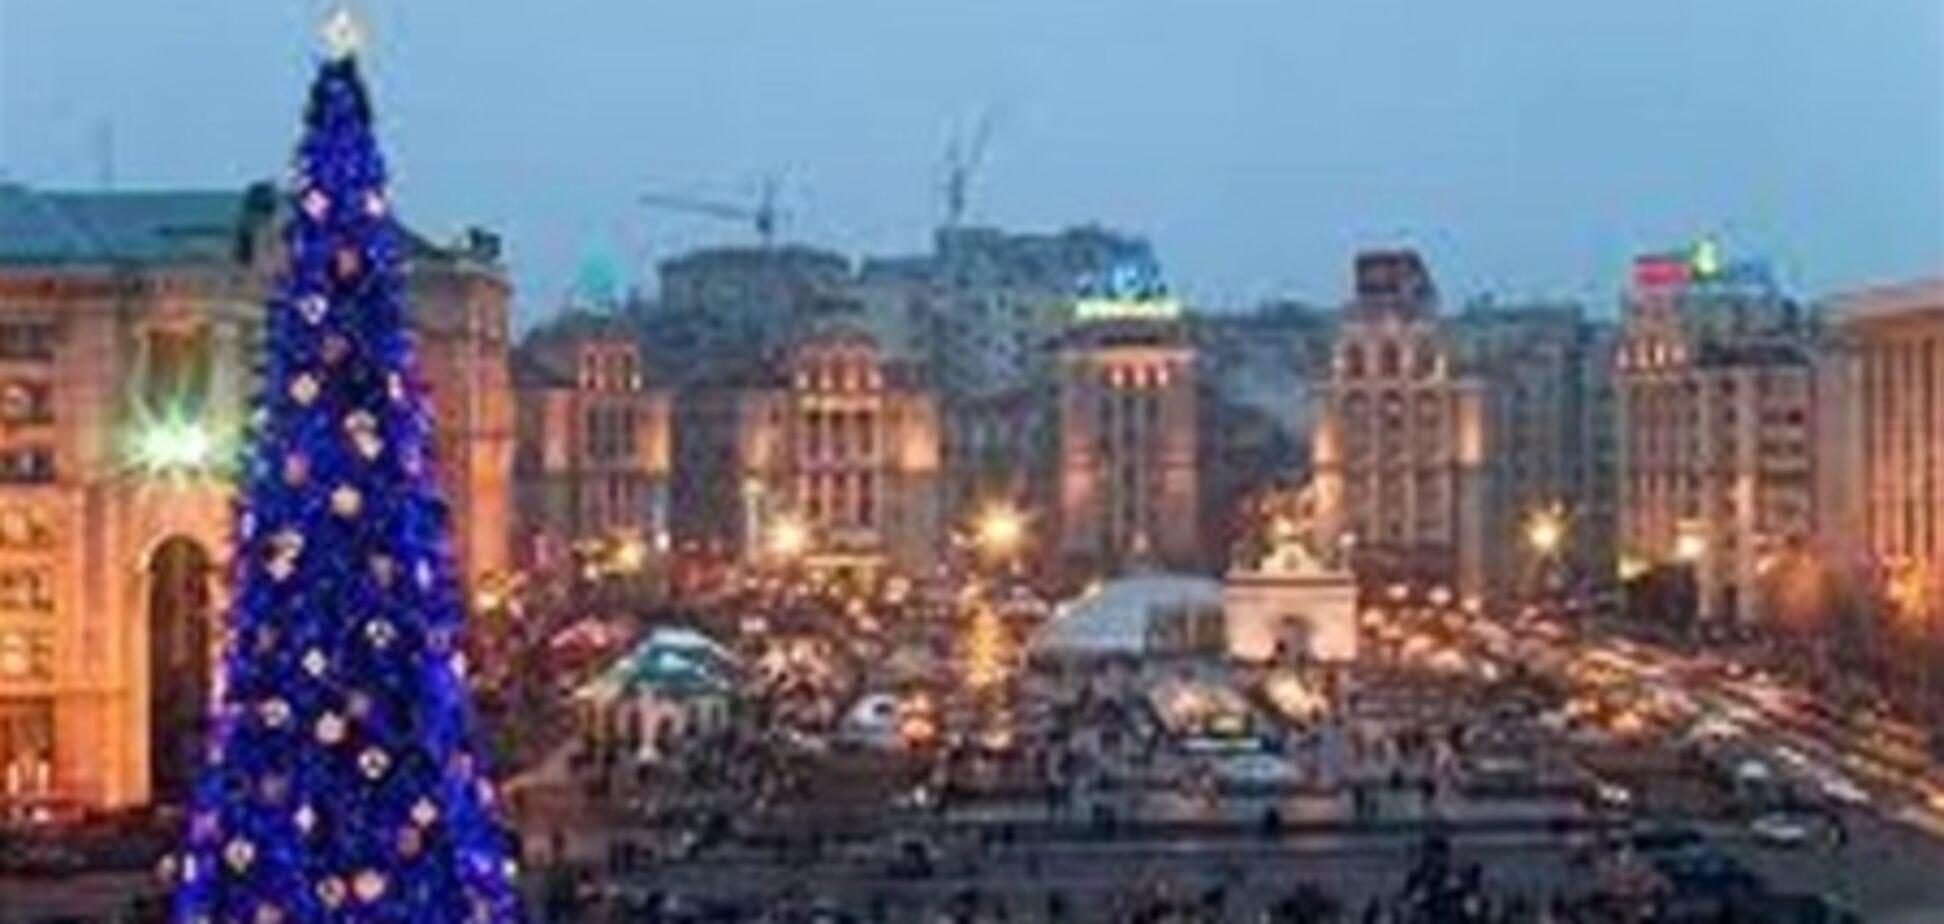 Астролог рассказал, что будет с Киевом в 2012 году